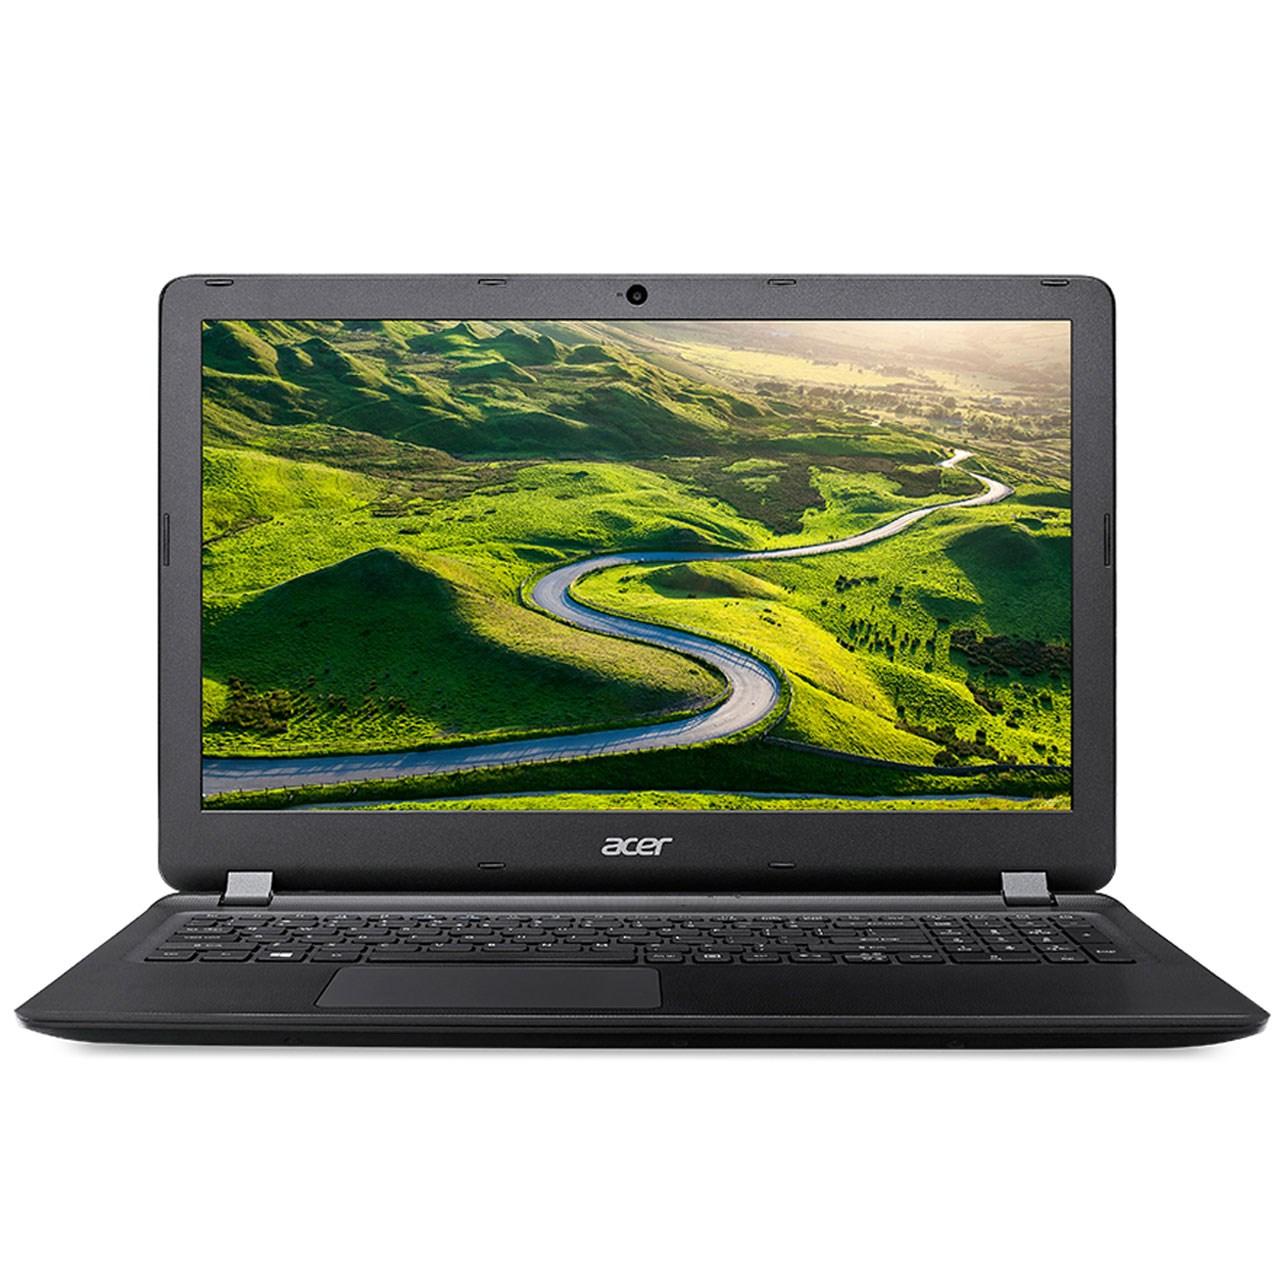 لپ تاپ 15 اینچی ایسر مدل Aspire ES1-524-97D4 | Acer Aspire ES1-524-97D4- 15 inch Laptop